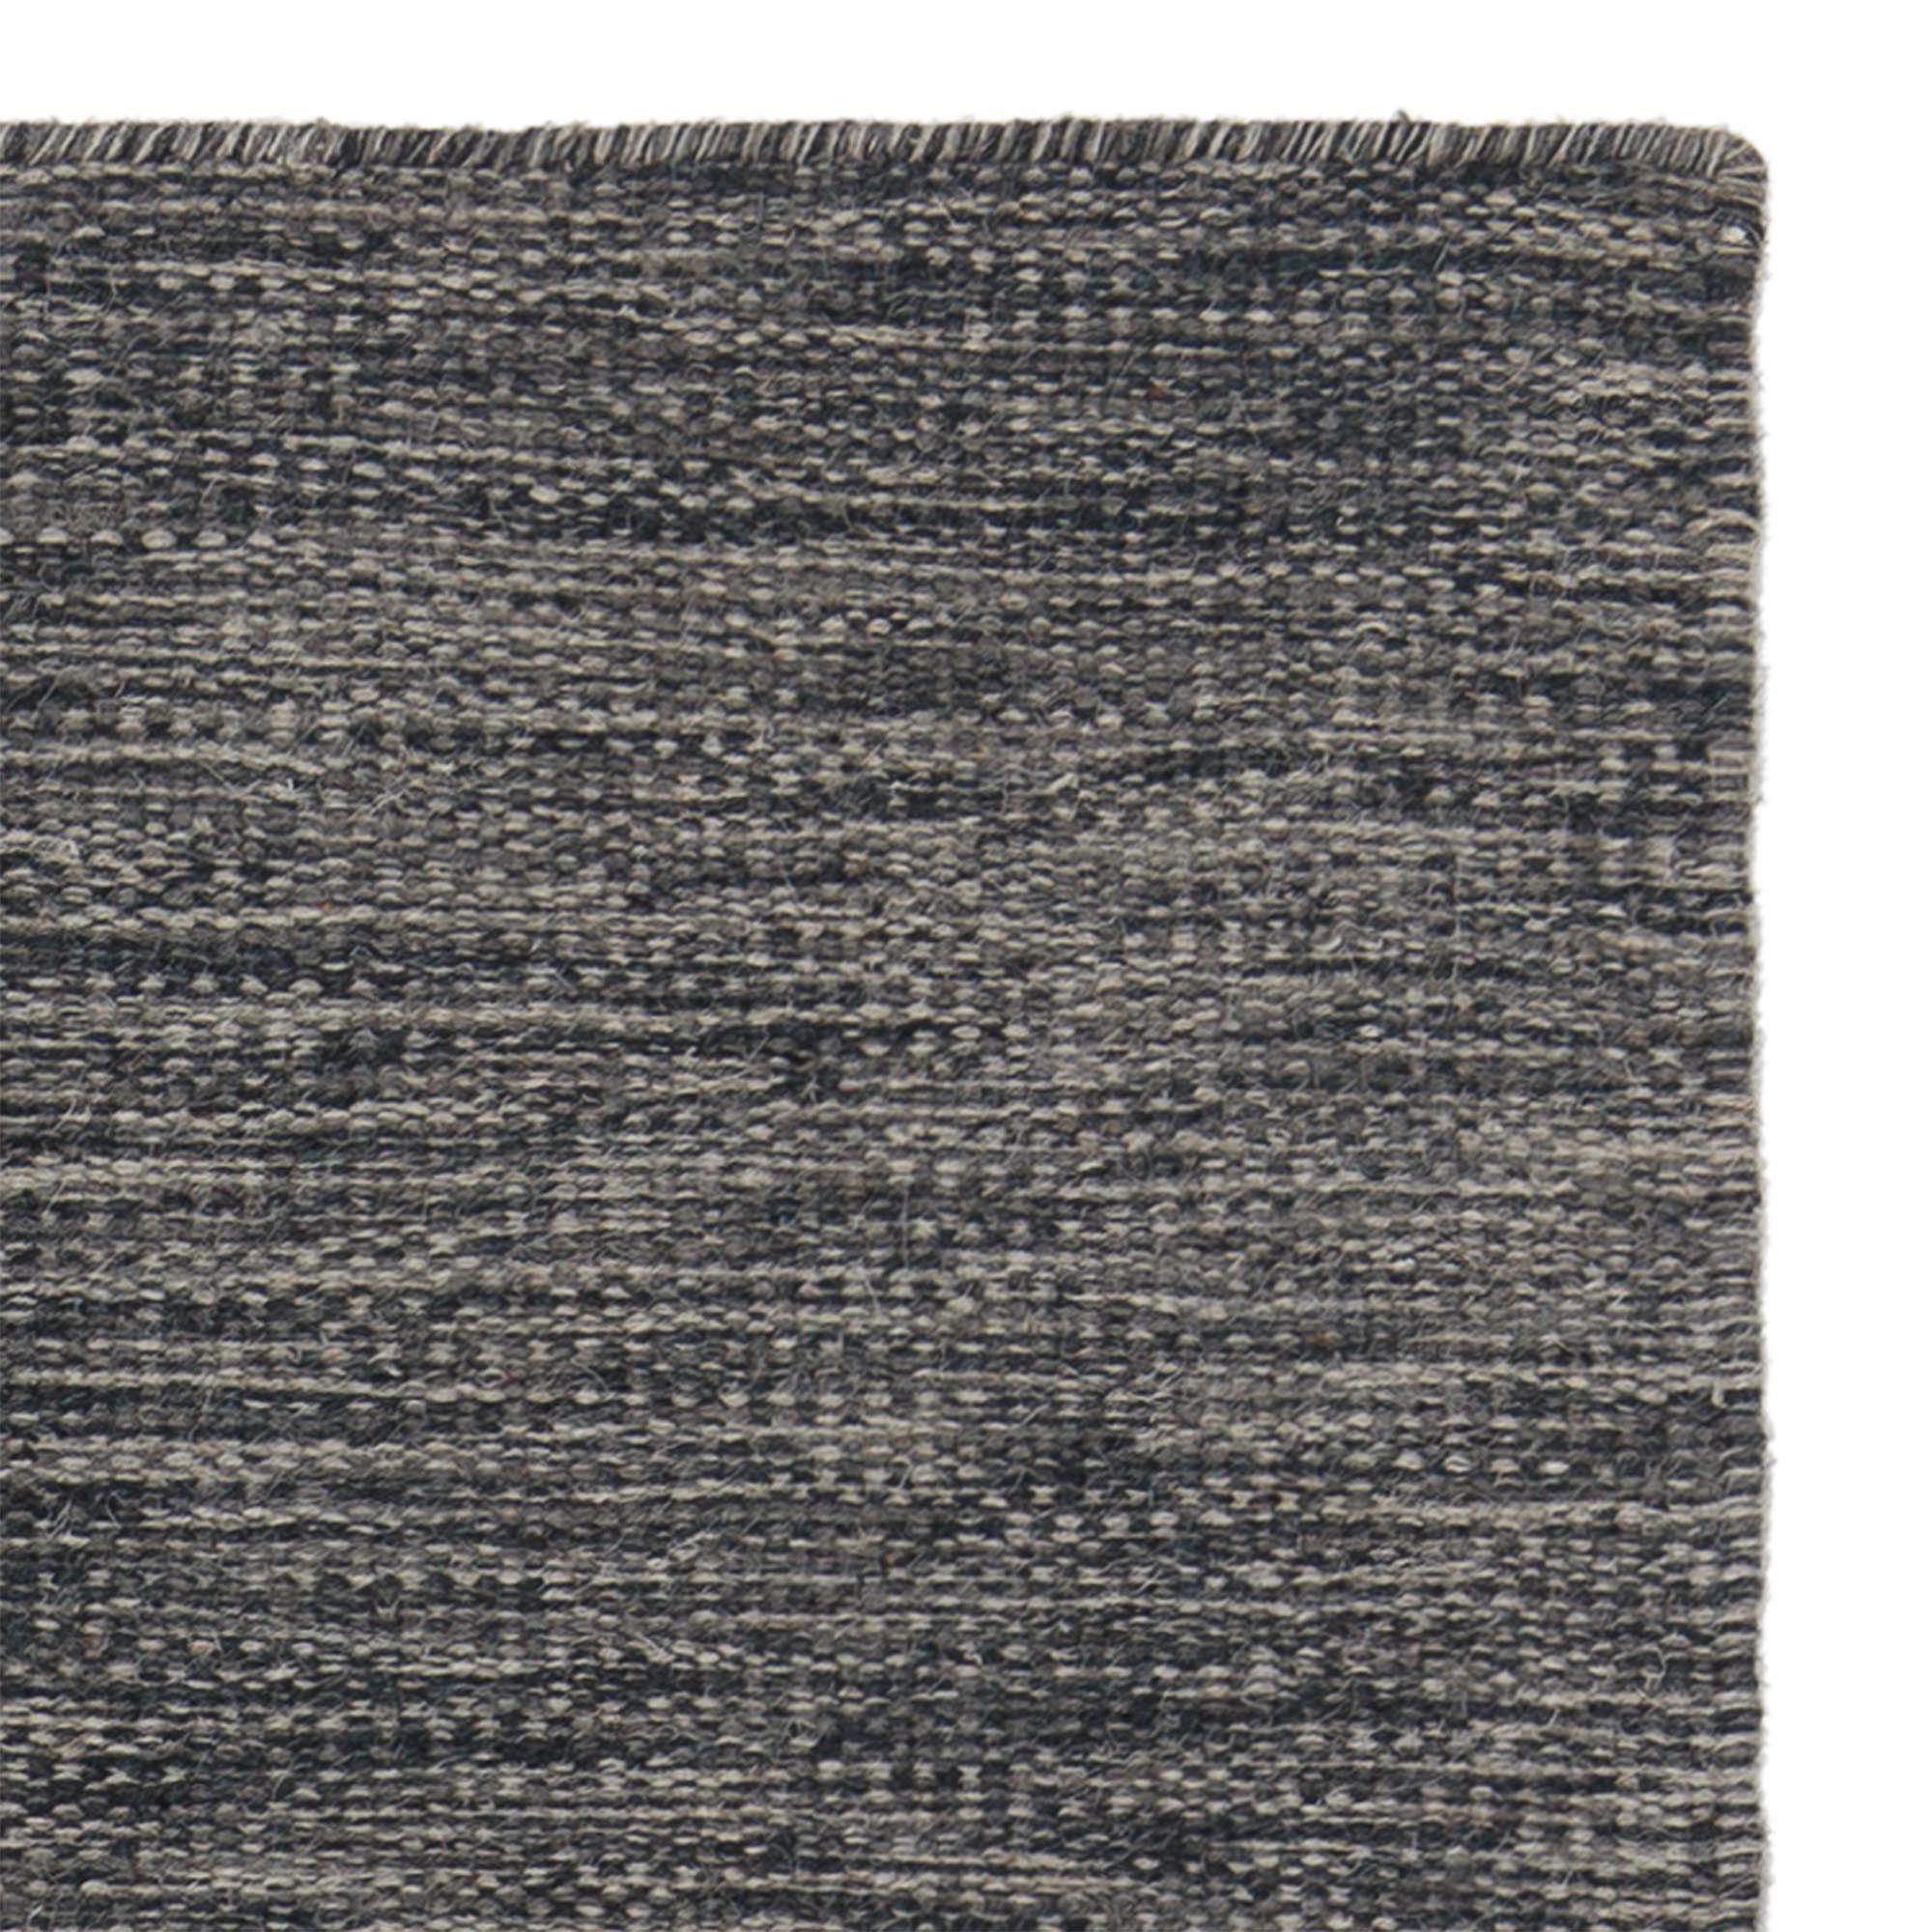 Urbanara Teppiche Finest Calvin Klein Area Rugs Lovely